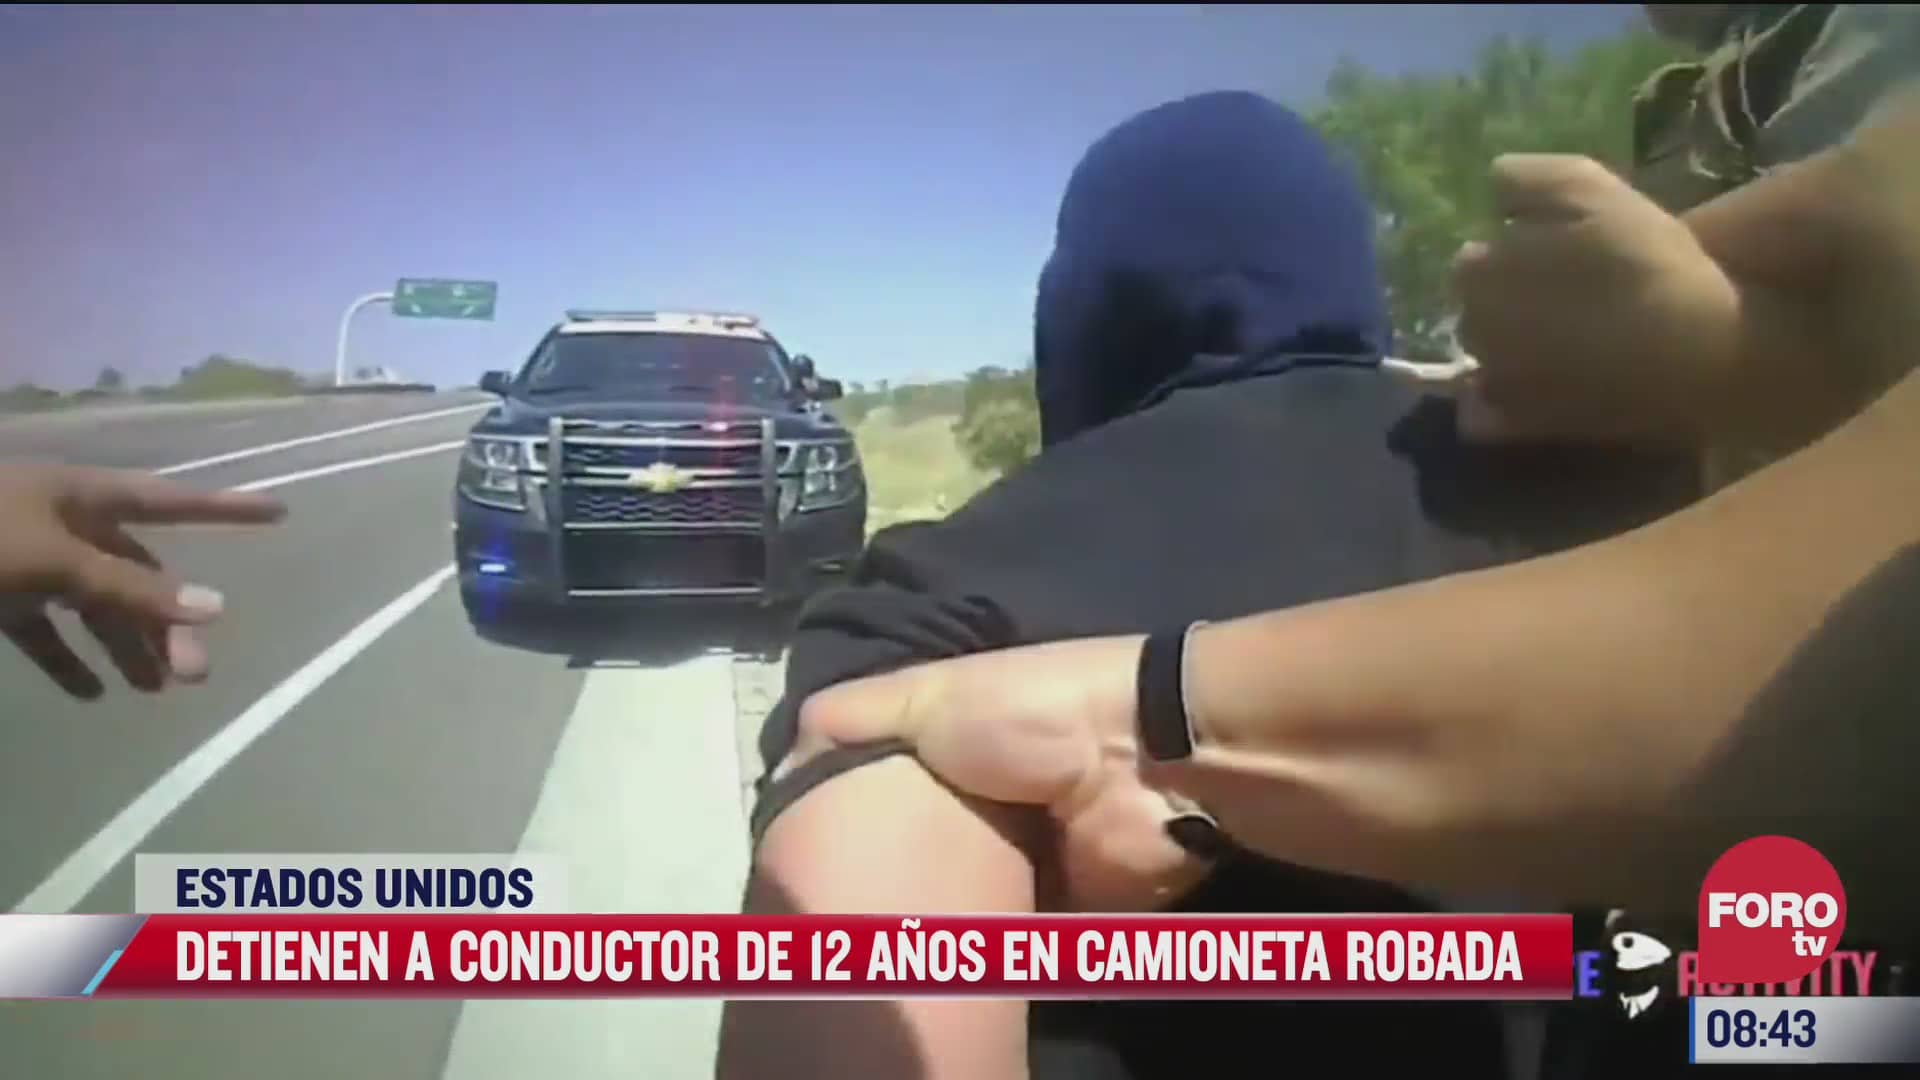 detienen a conductor de 12 anos en camioneta robada en estados unidos